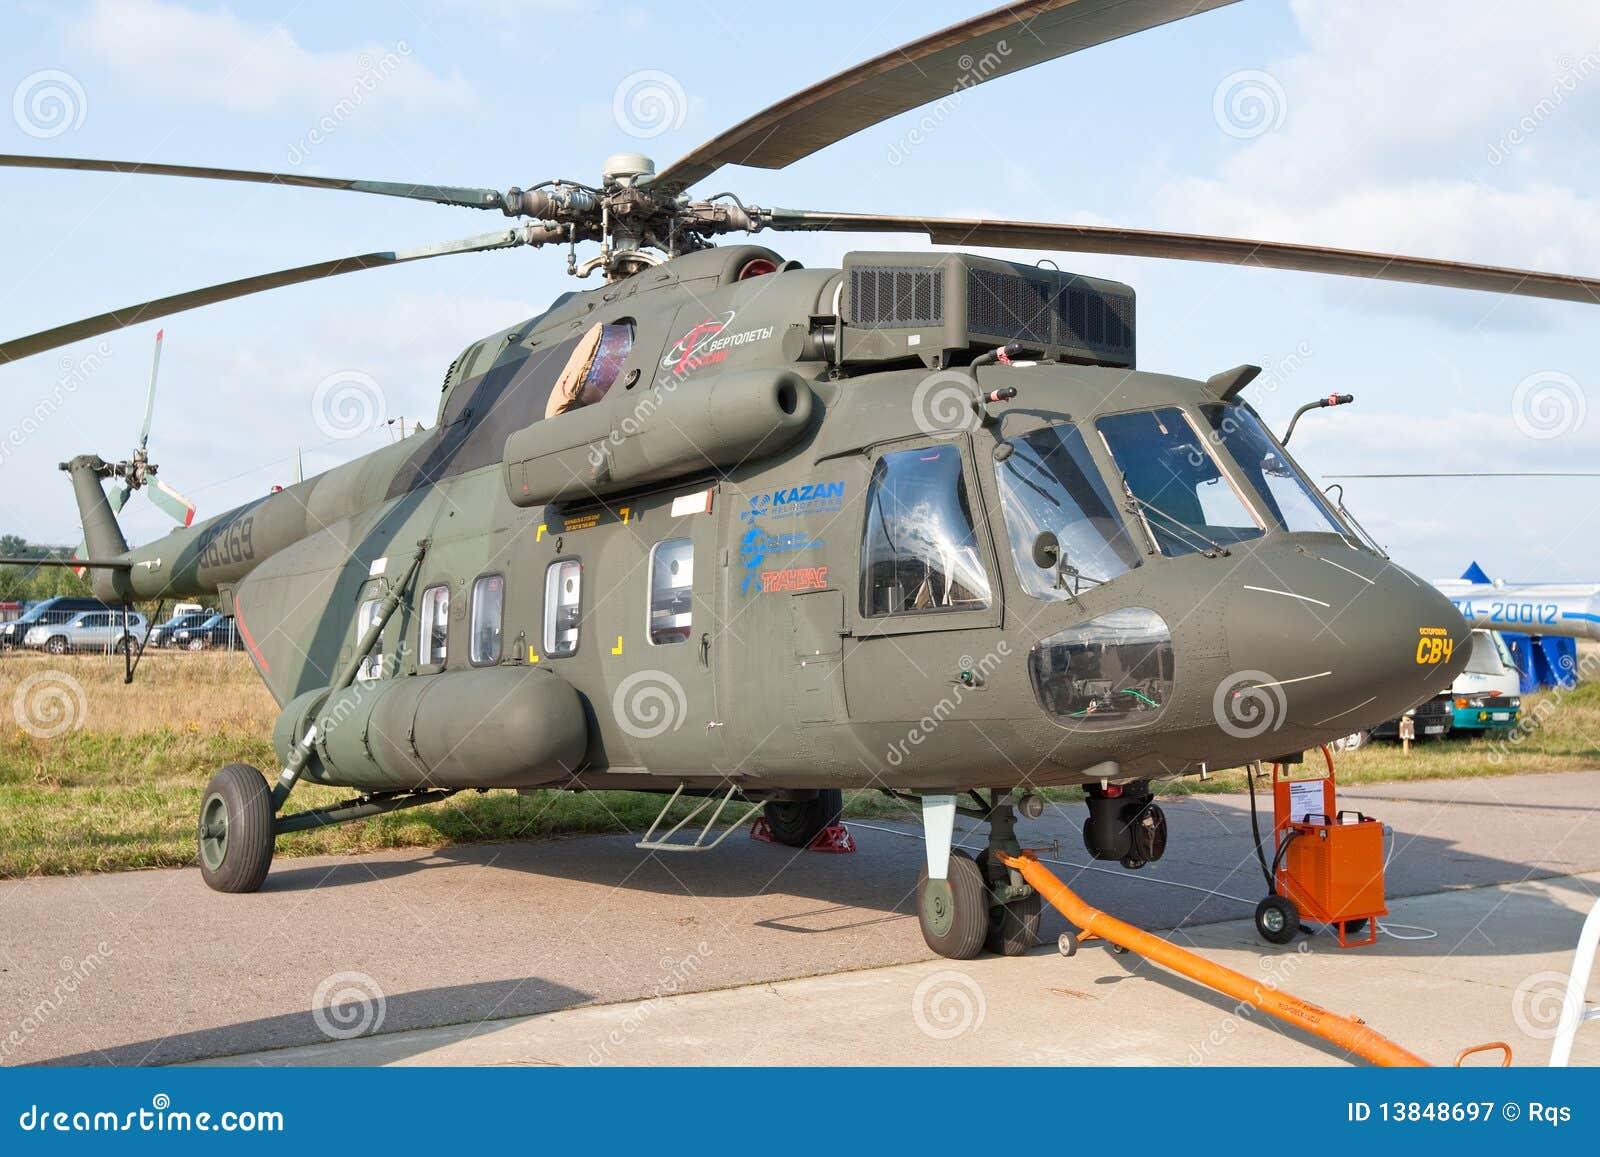 Elicottero Verde E Giallo : Elicottero militare verde e grigio fotografia editoriale